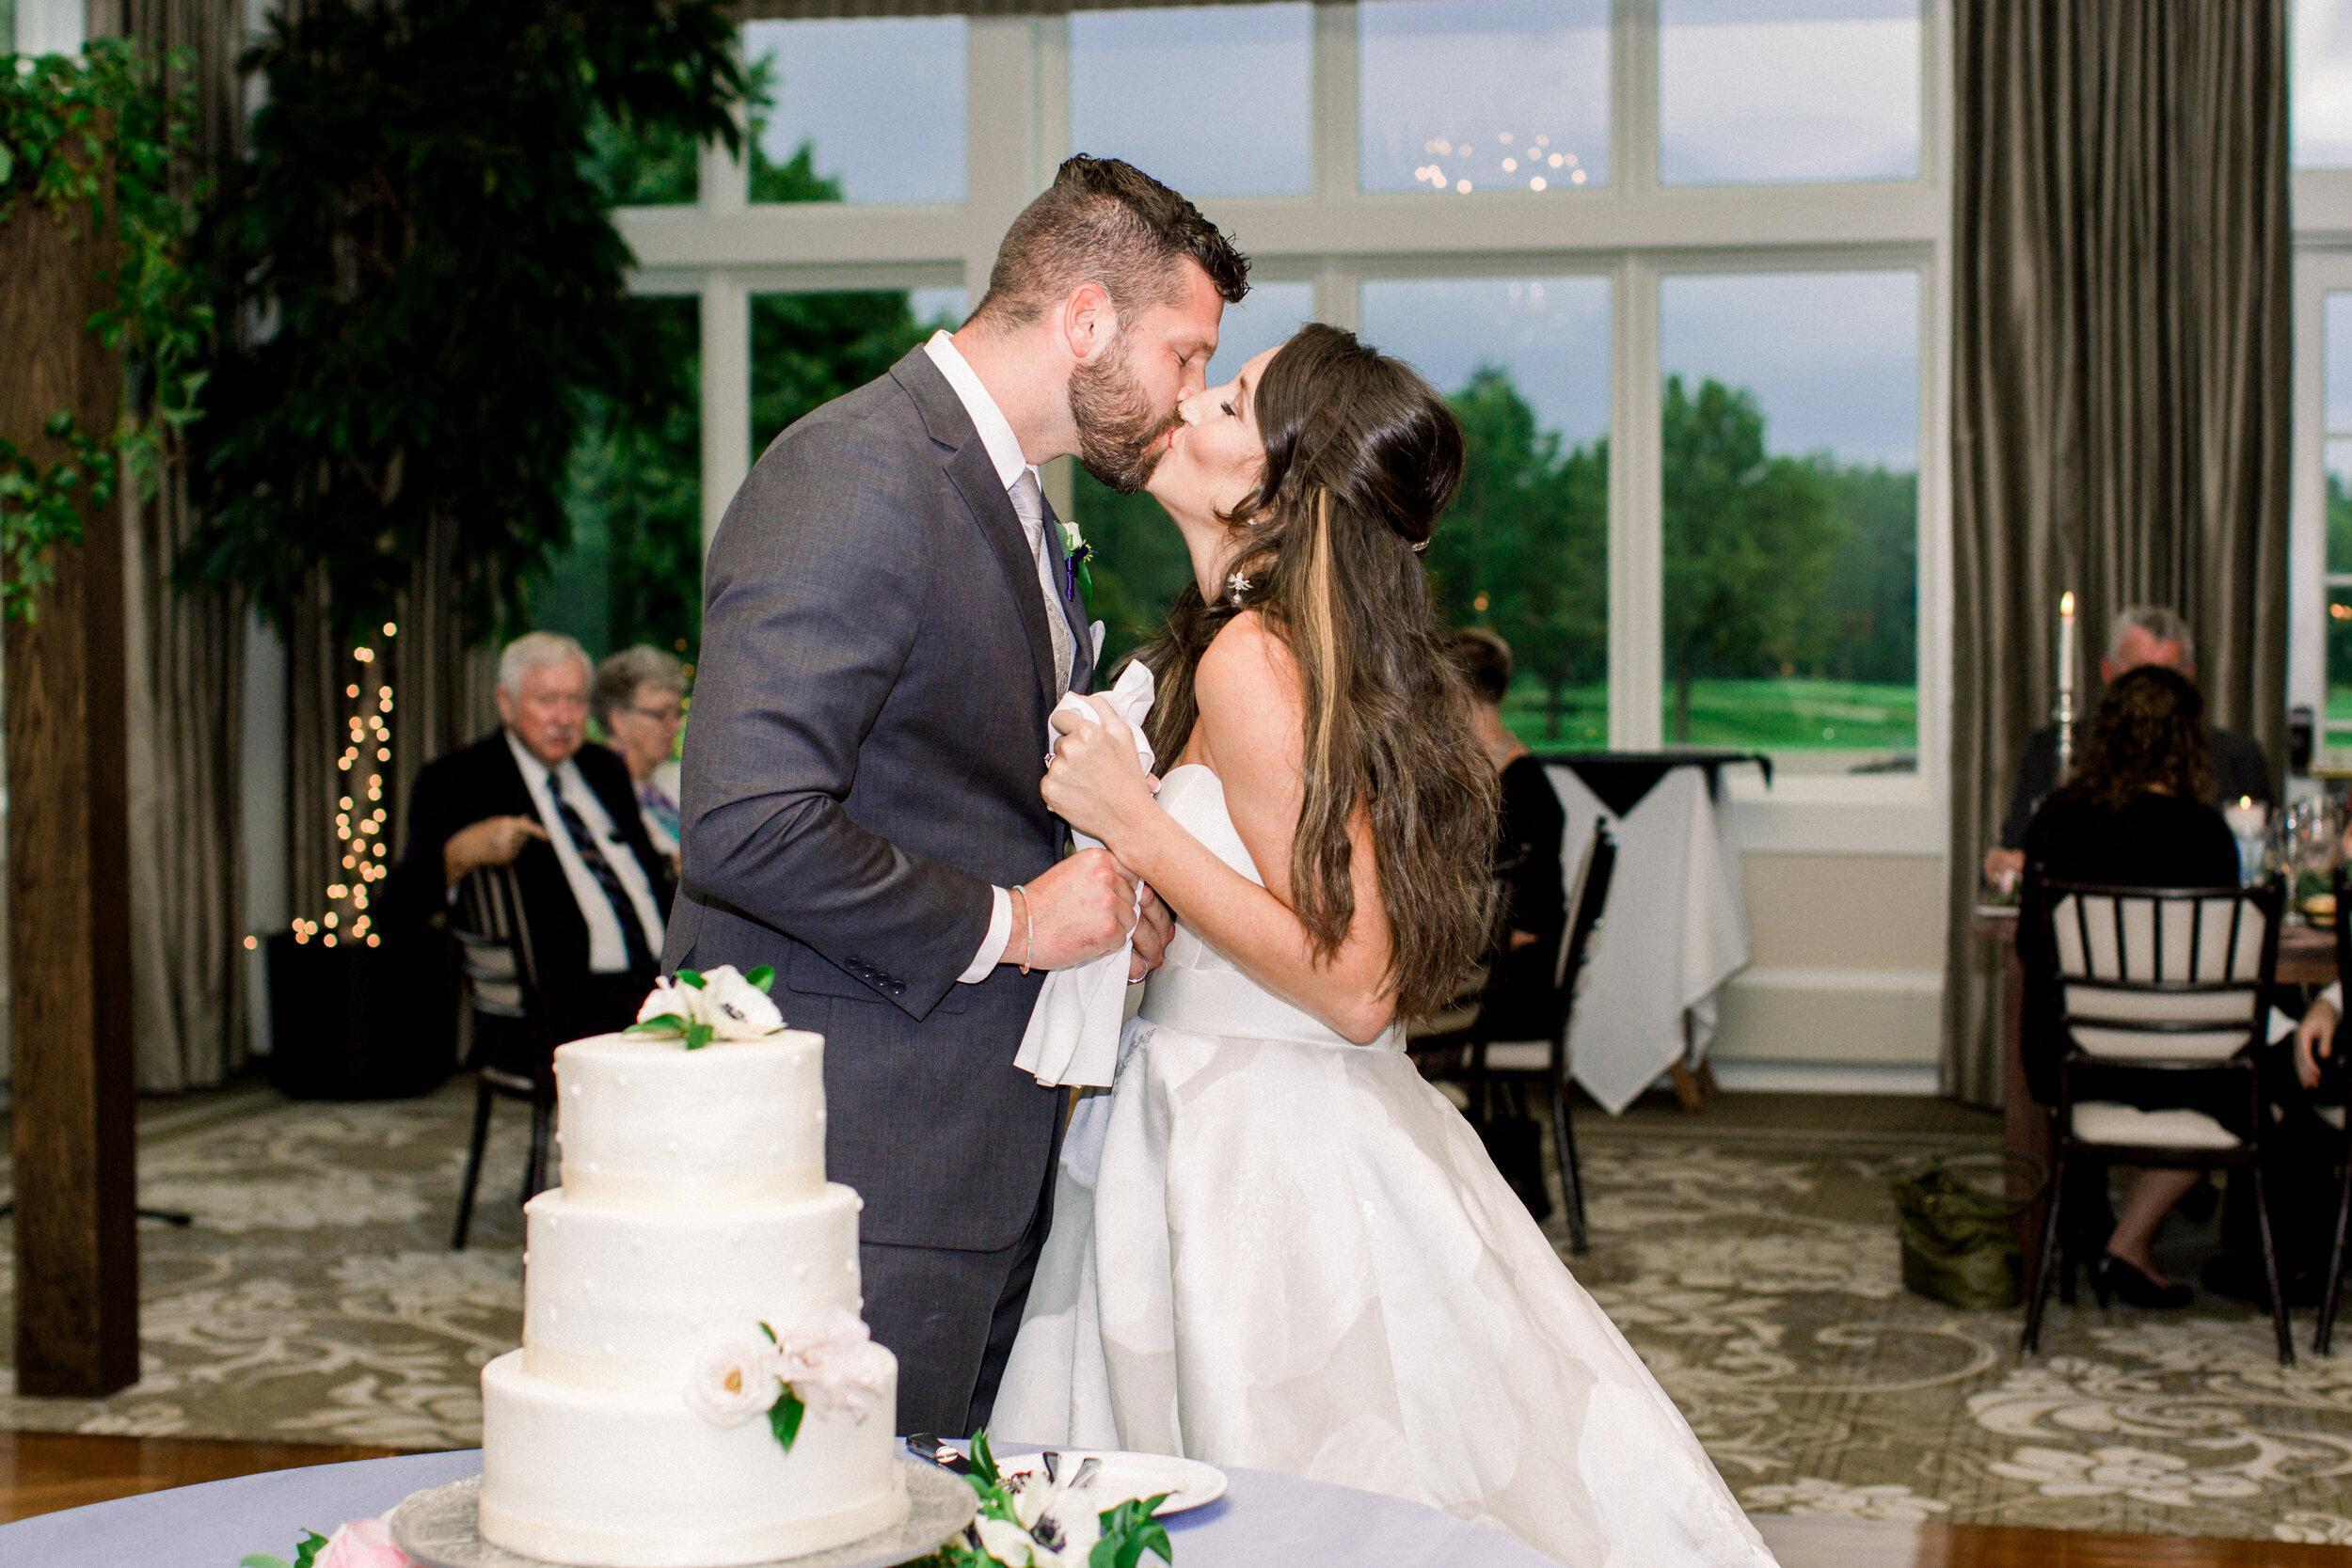 Kuiper+Wedding+Reception-41.jpg